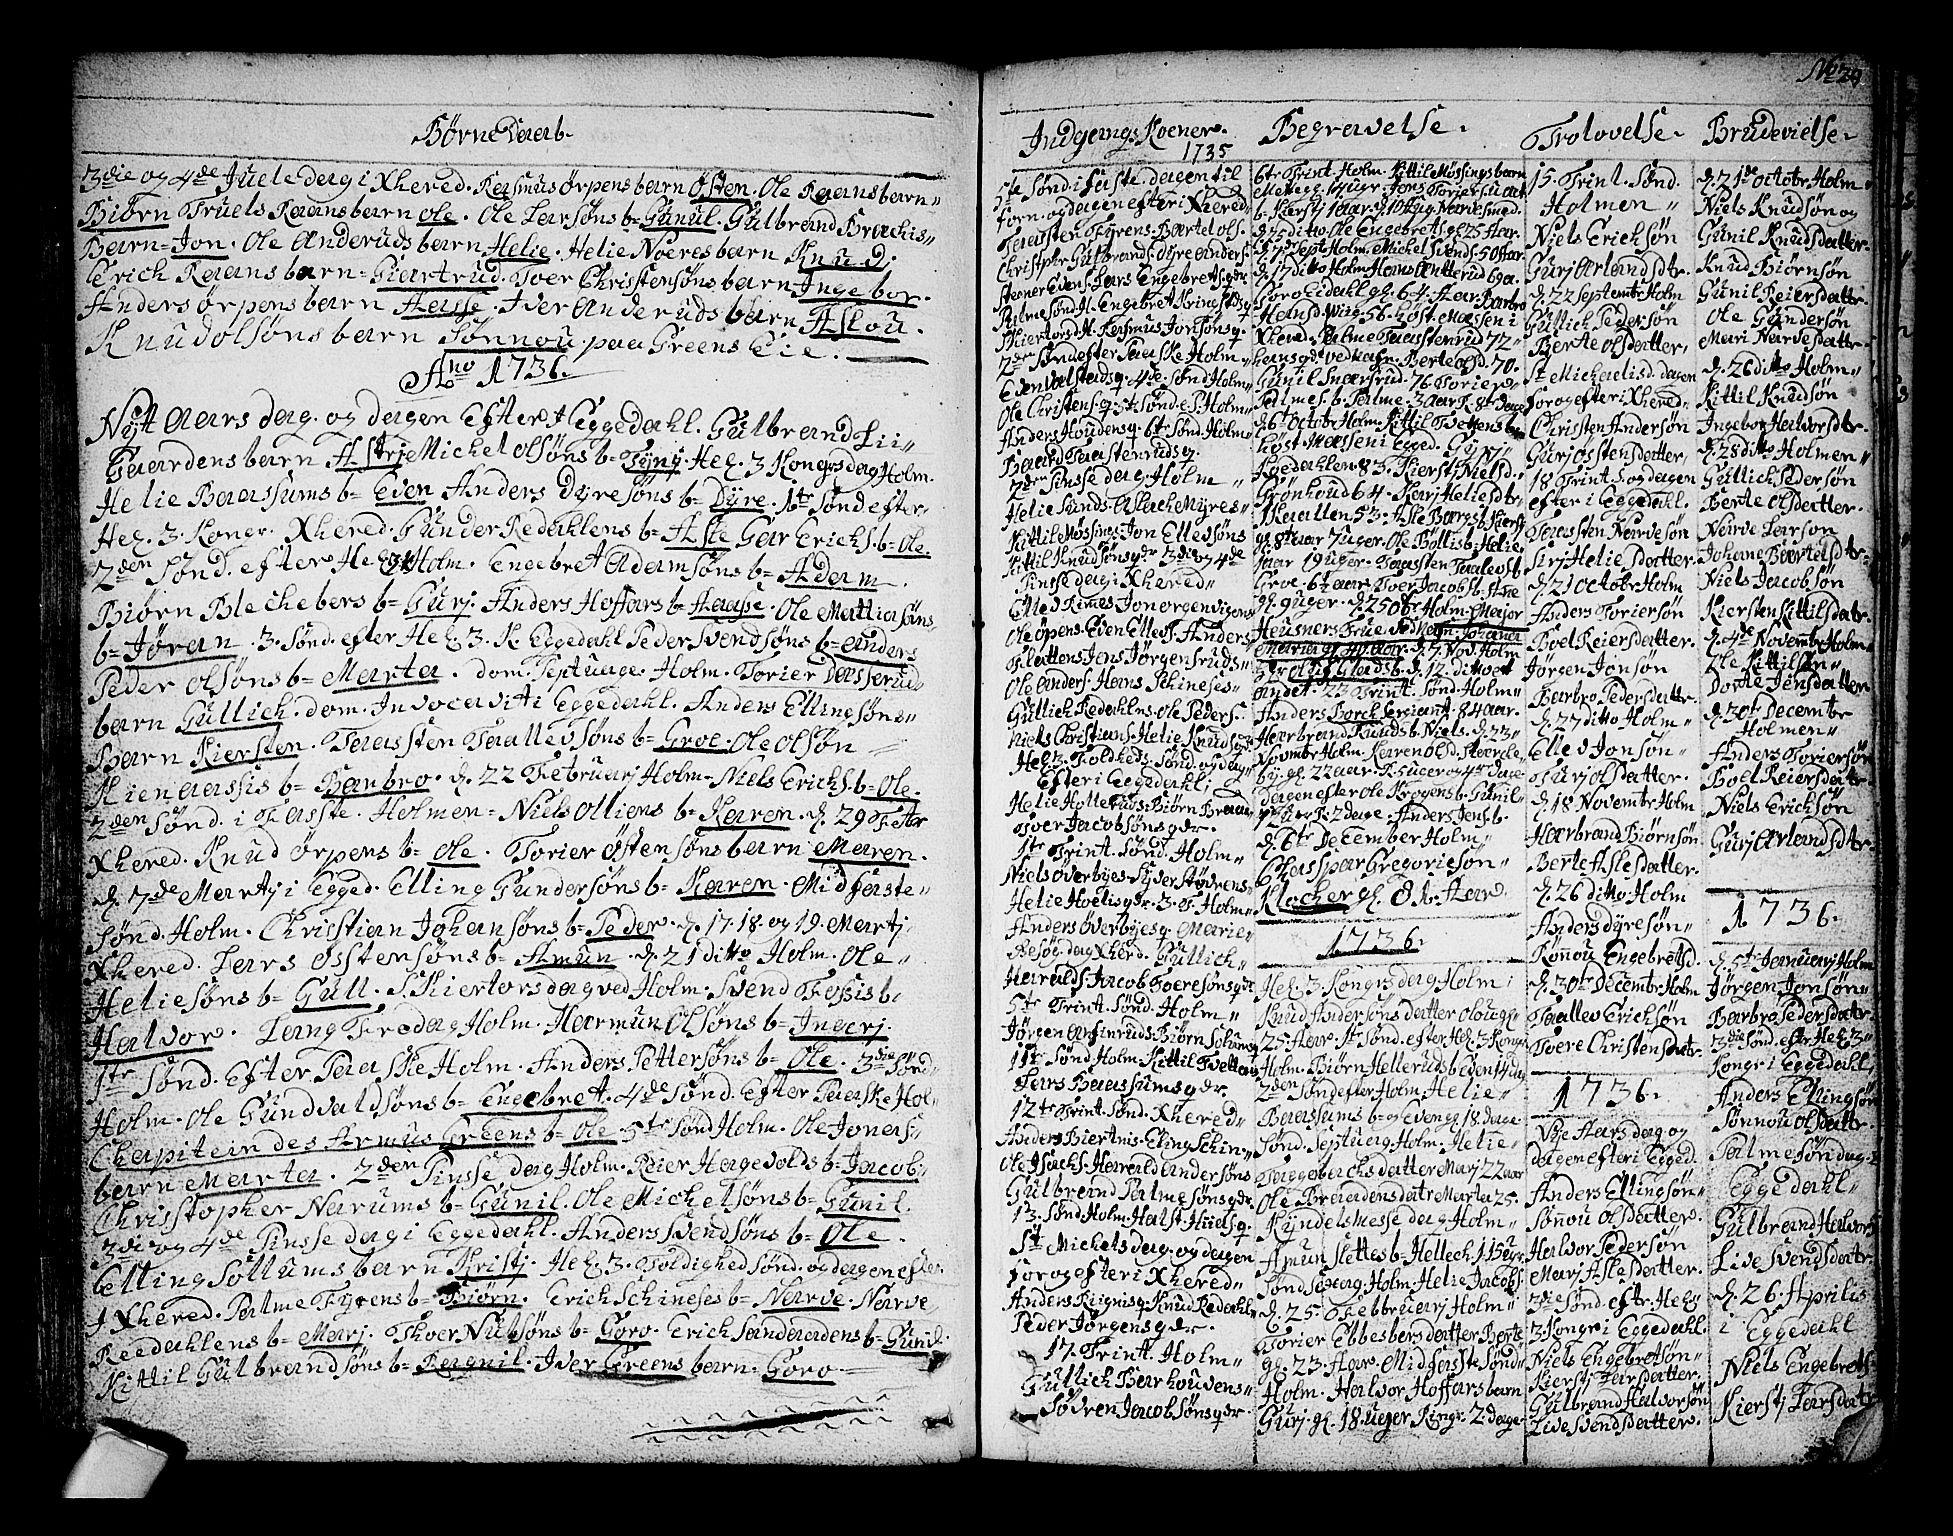 SAKO, Sigdal kirkebøker, F/Fa/L0001: Ministerialbok nr. I 1, 1722-1777, s. 29